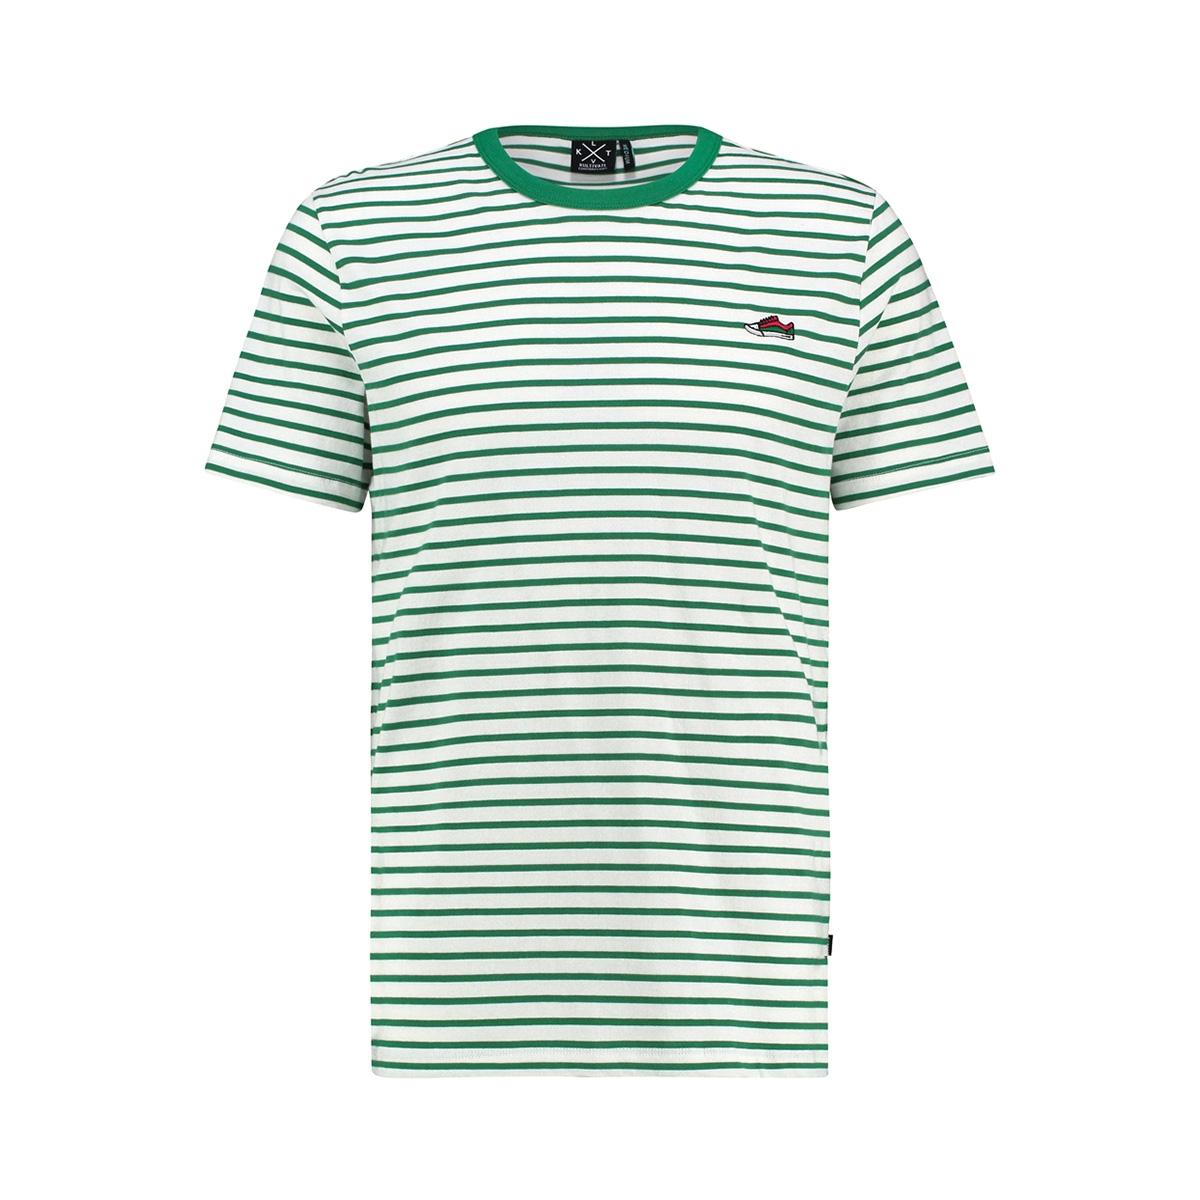 ts sneaker stripe 1901030205 kultivate t-shirt 203 ecru